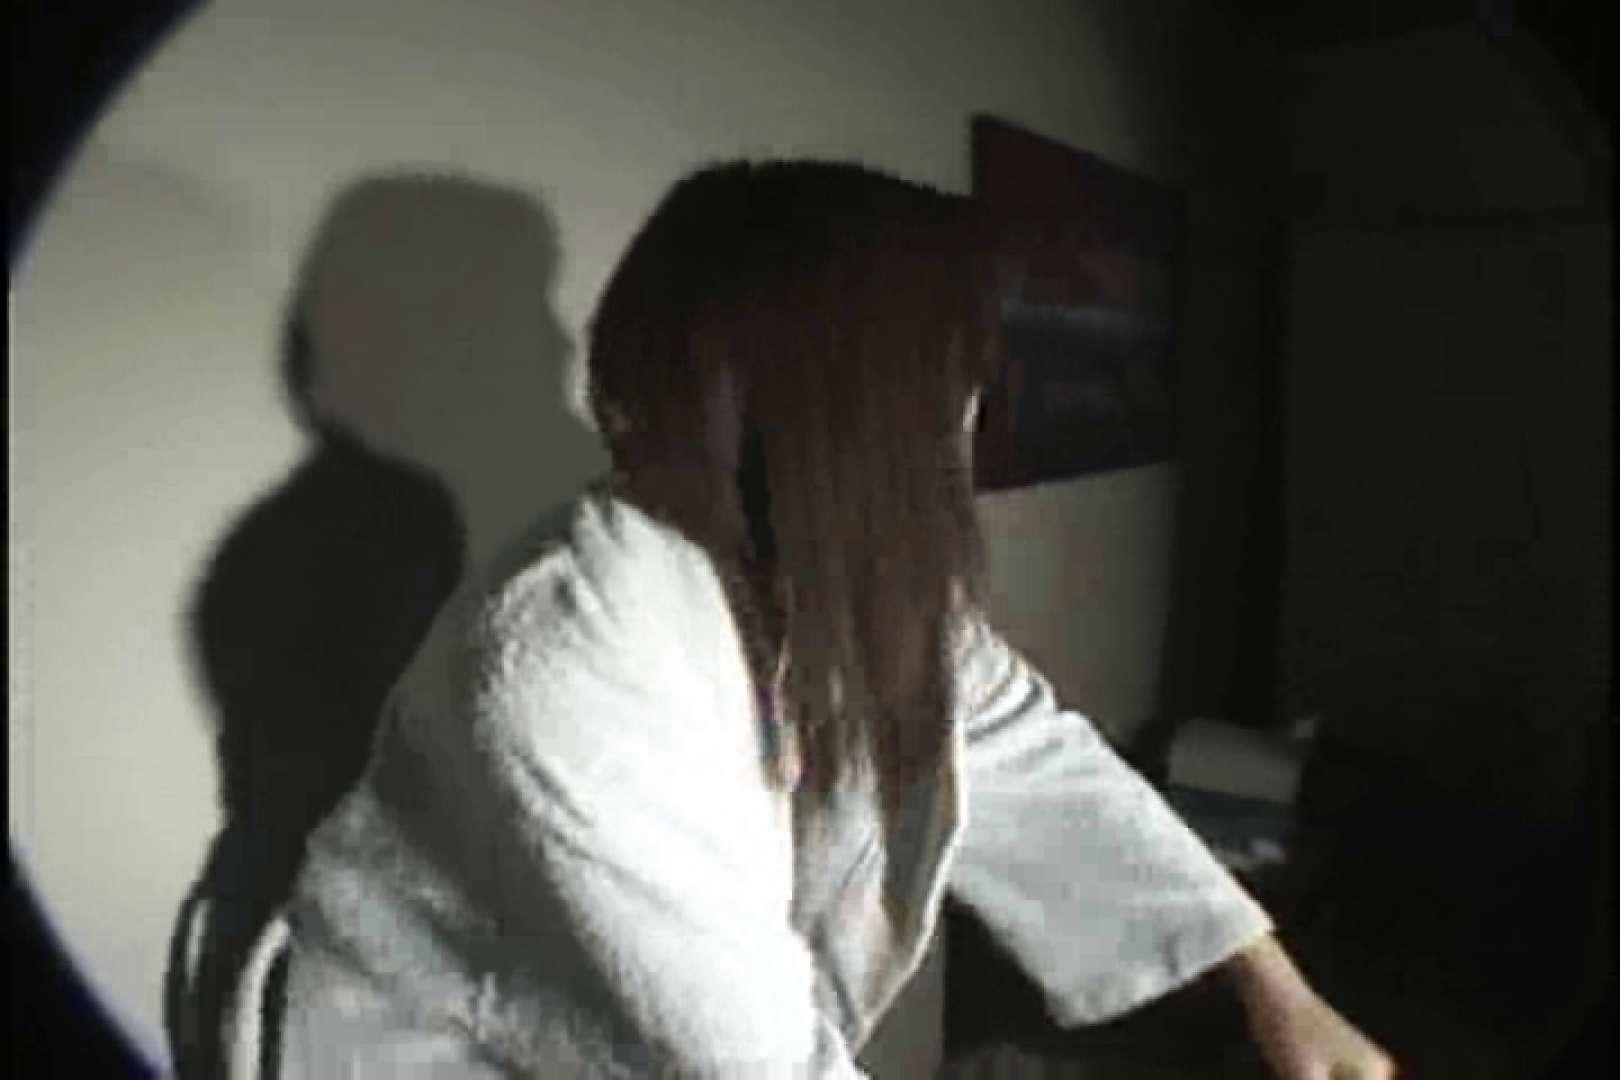 素人嬢126人のハメ撮り 竹之内歩美 モデルのエロ生活  65連発 30